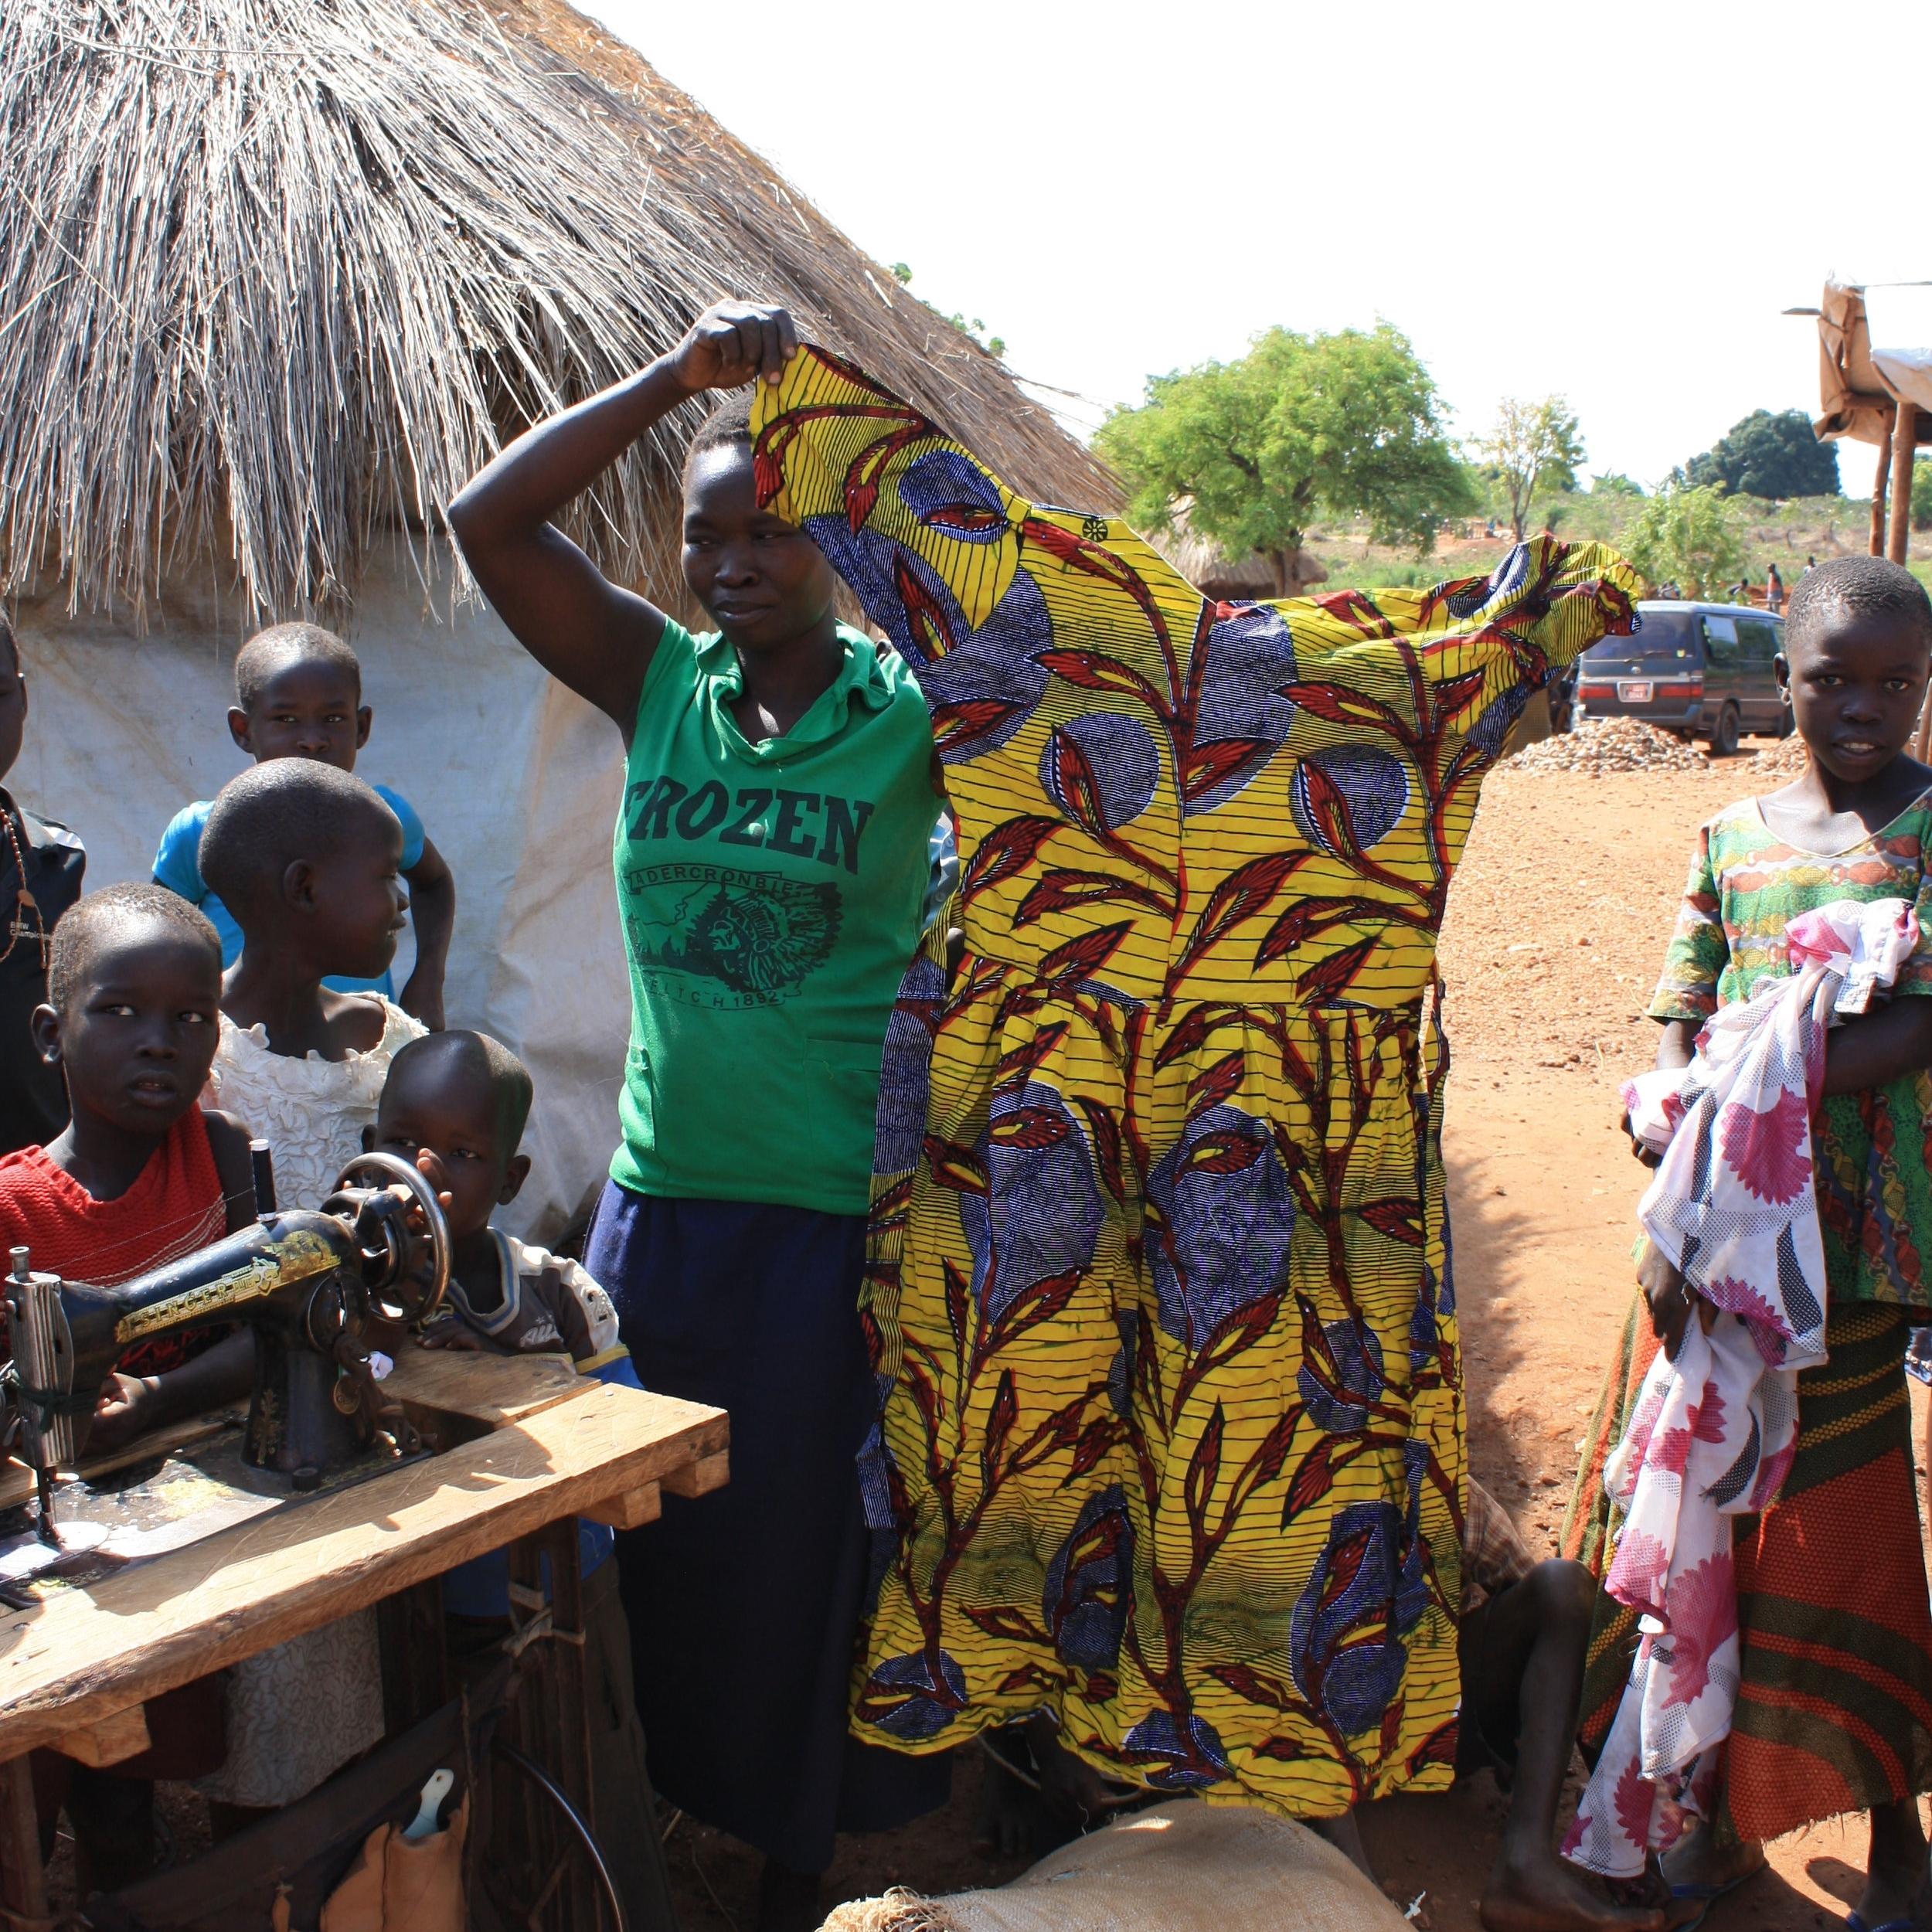 Women learning entrepreneurial skills and preserving cultural tradition in Bidi Bidi